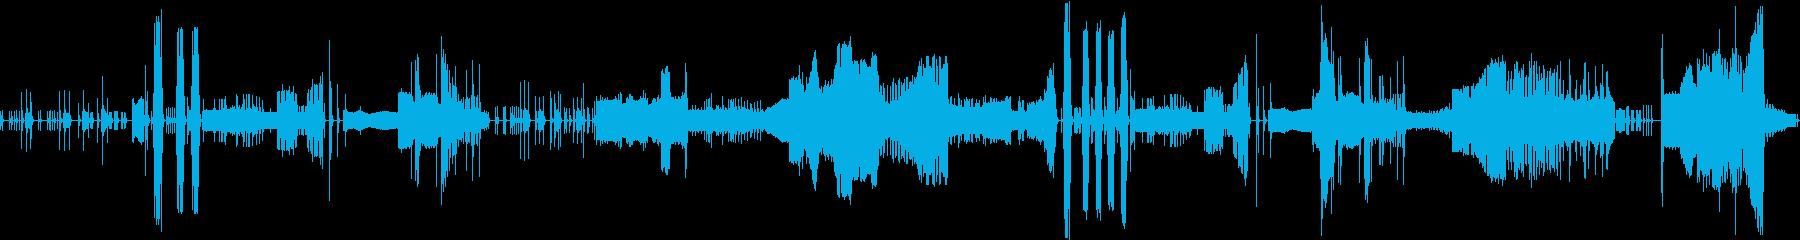 禅の世界3-竹鼓と木鼓と太鼓 の再生済みの波形